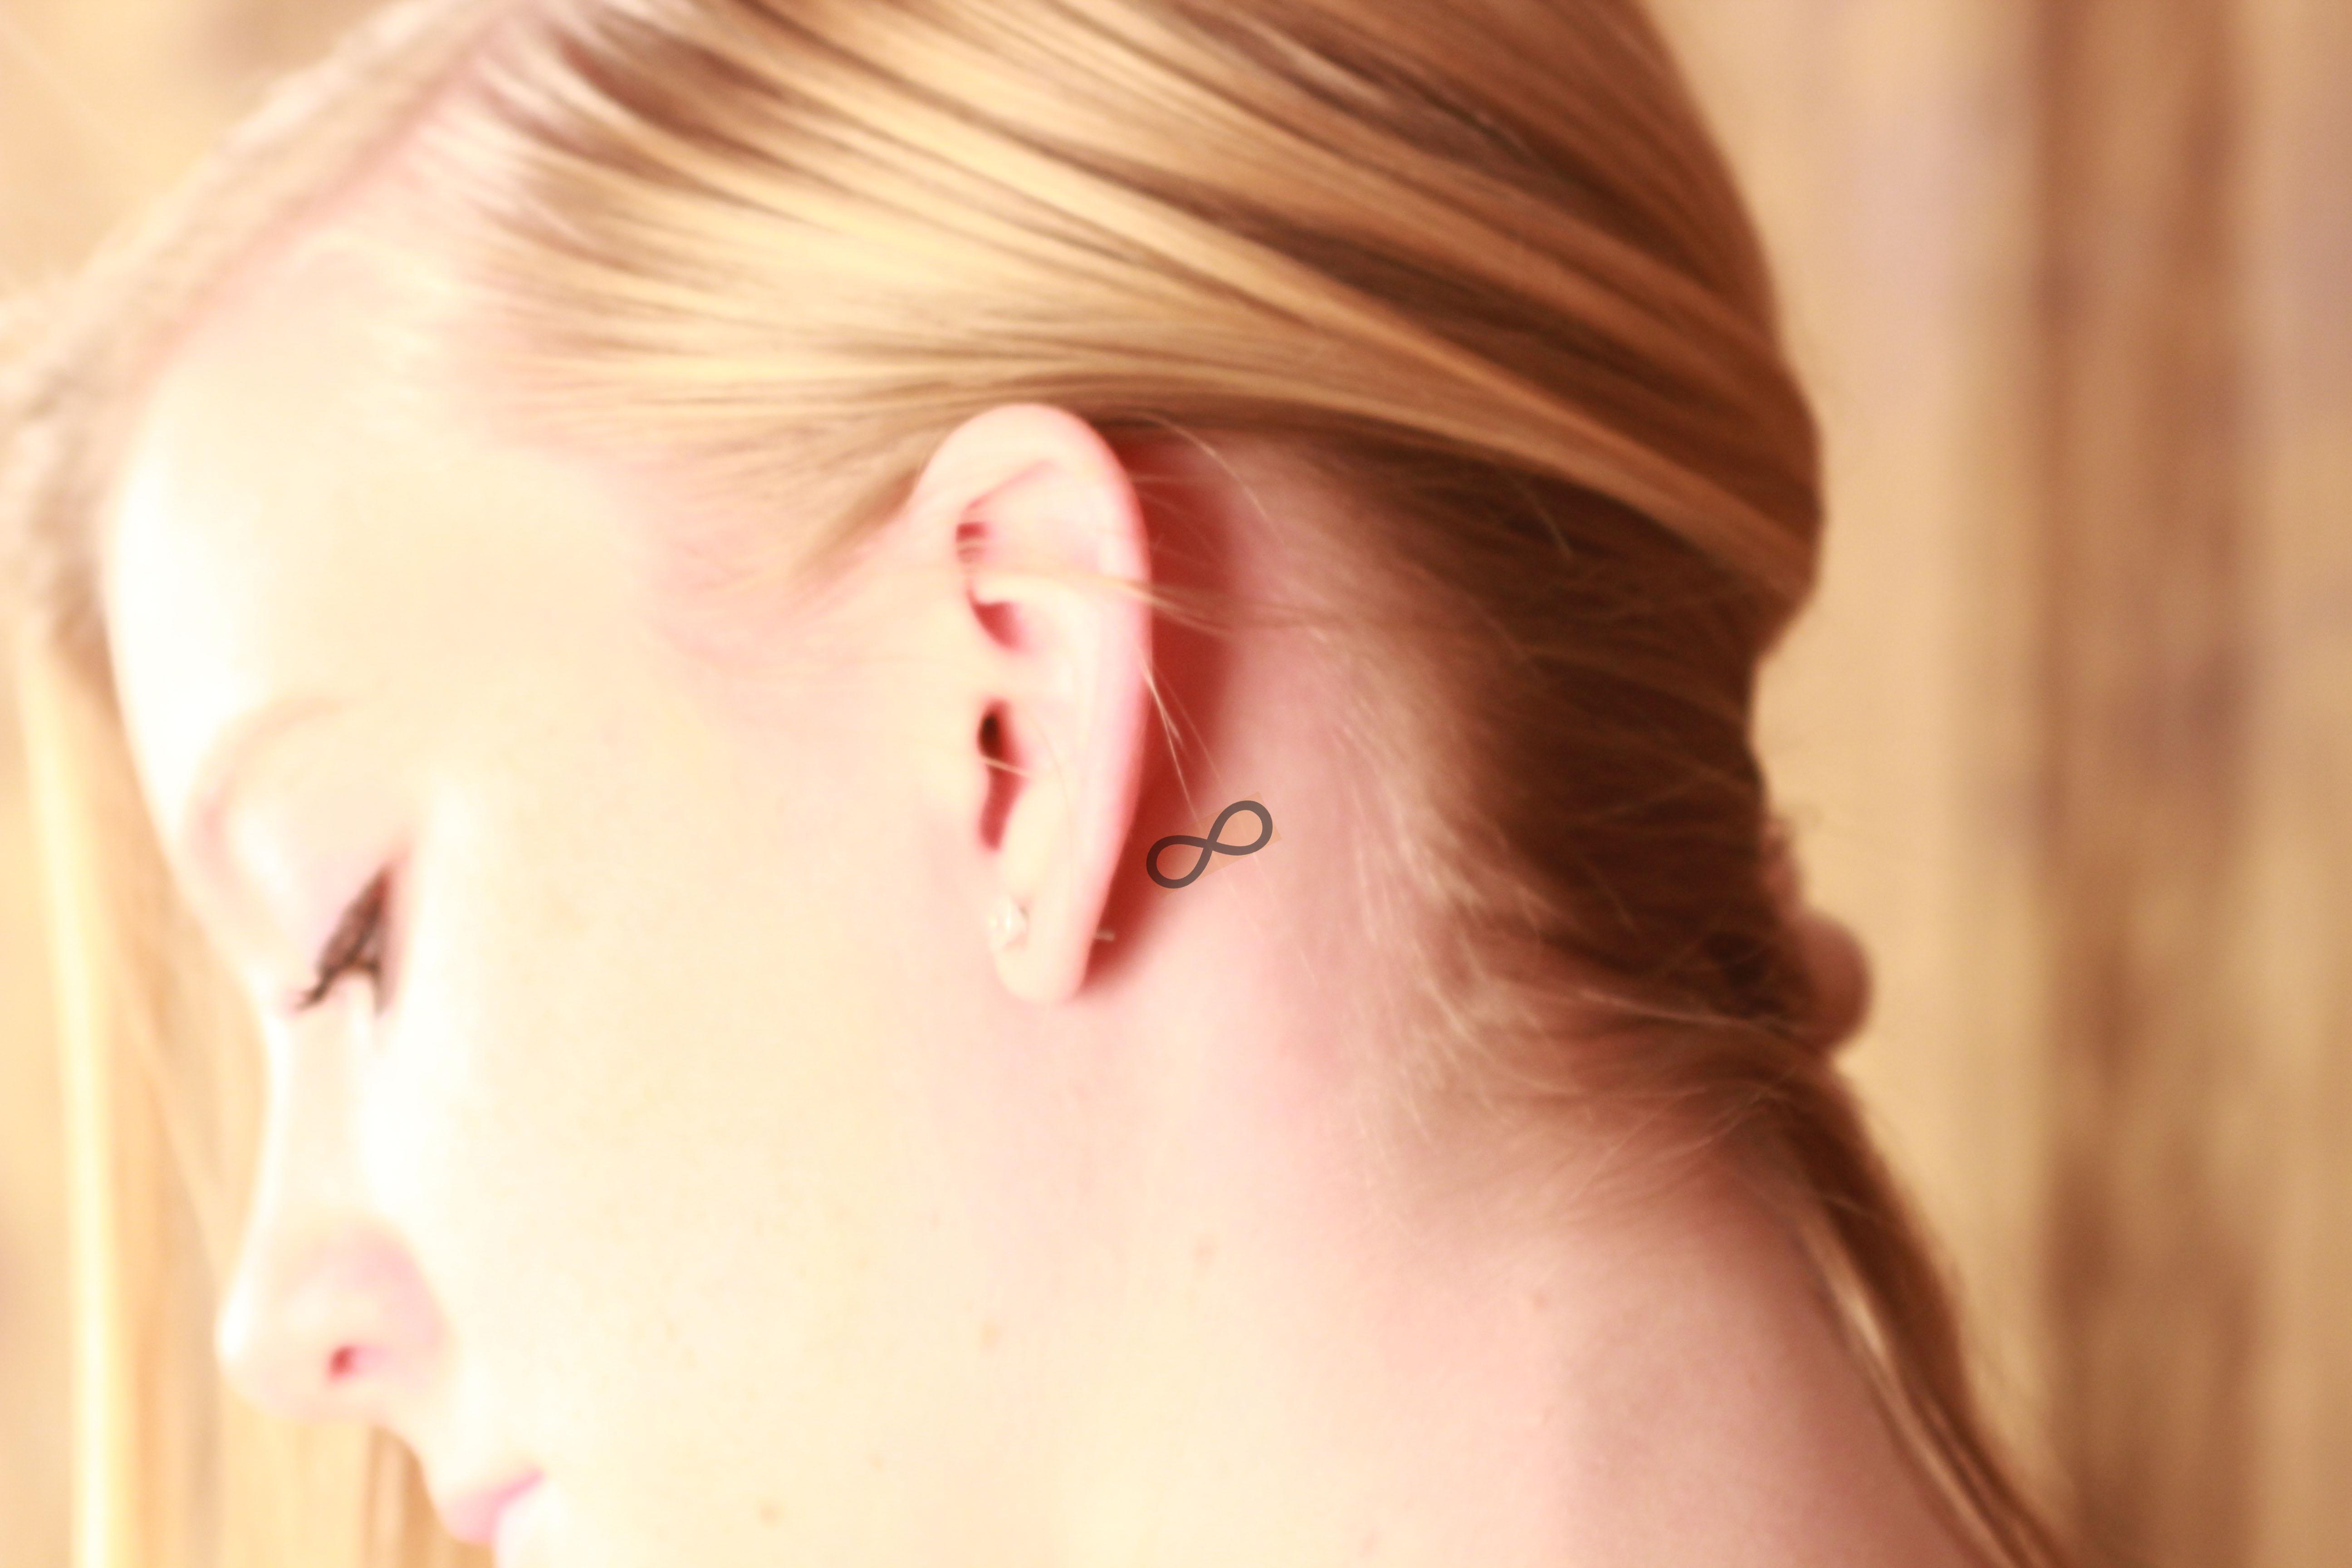 Infinity symbol behind ear tattoo izmirmasajfo